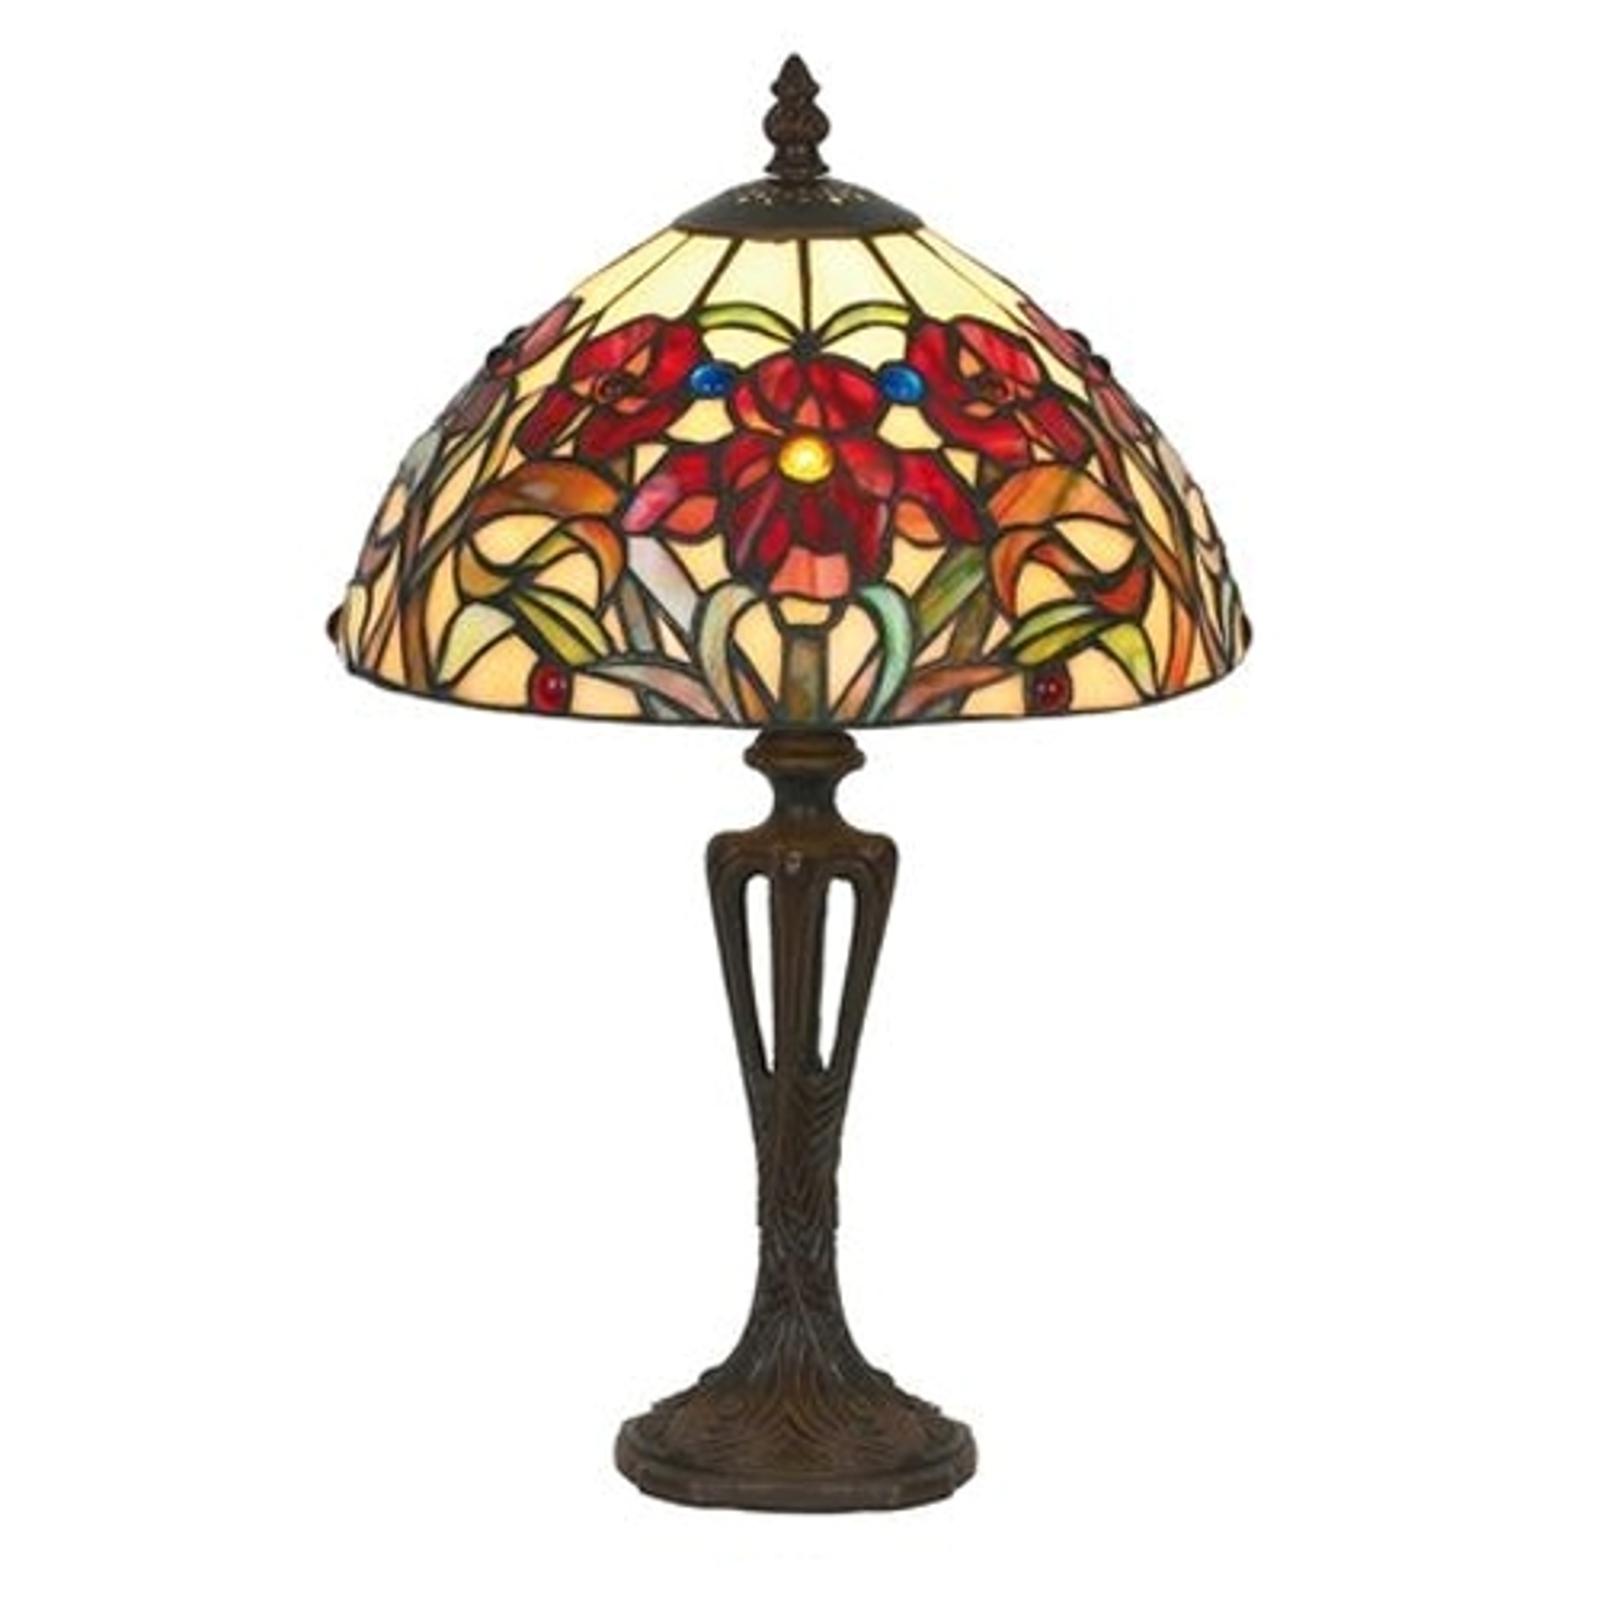 ELINE klasická stolná lampa v štýle Tiffany, 40cm_1032169_1